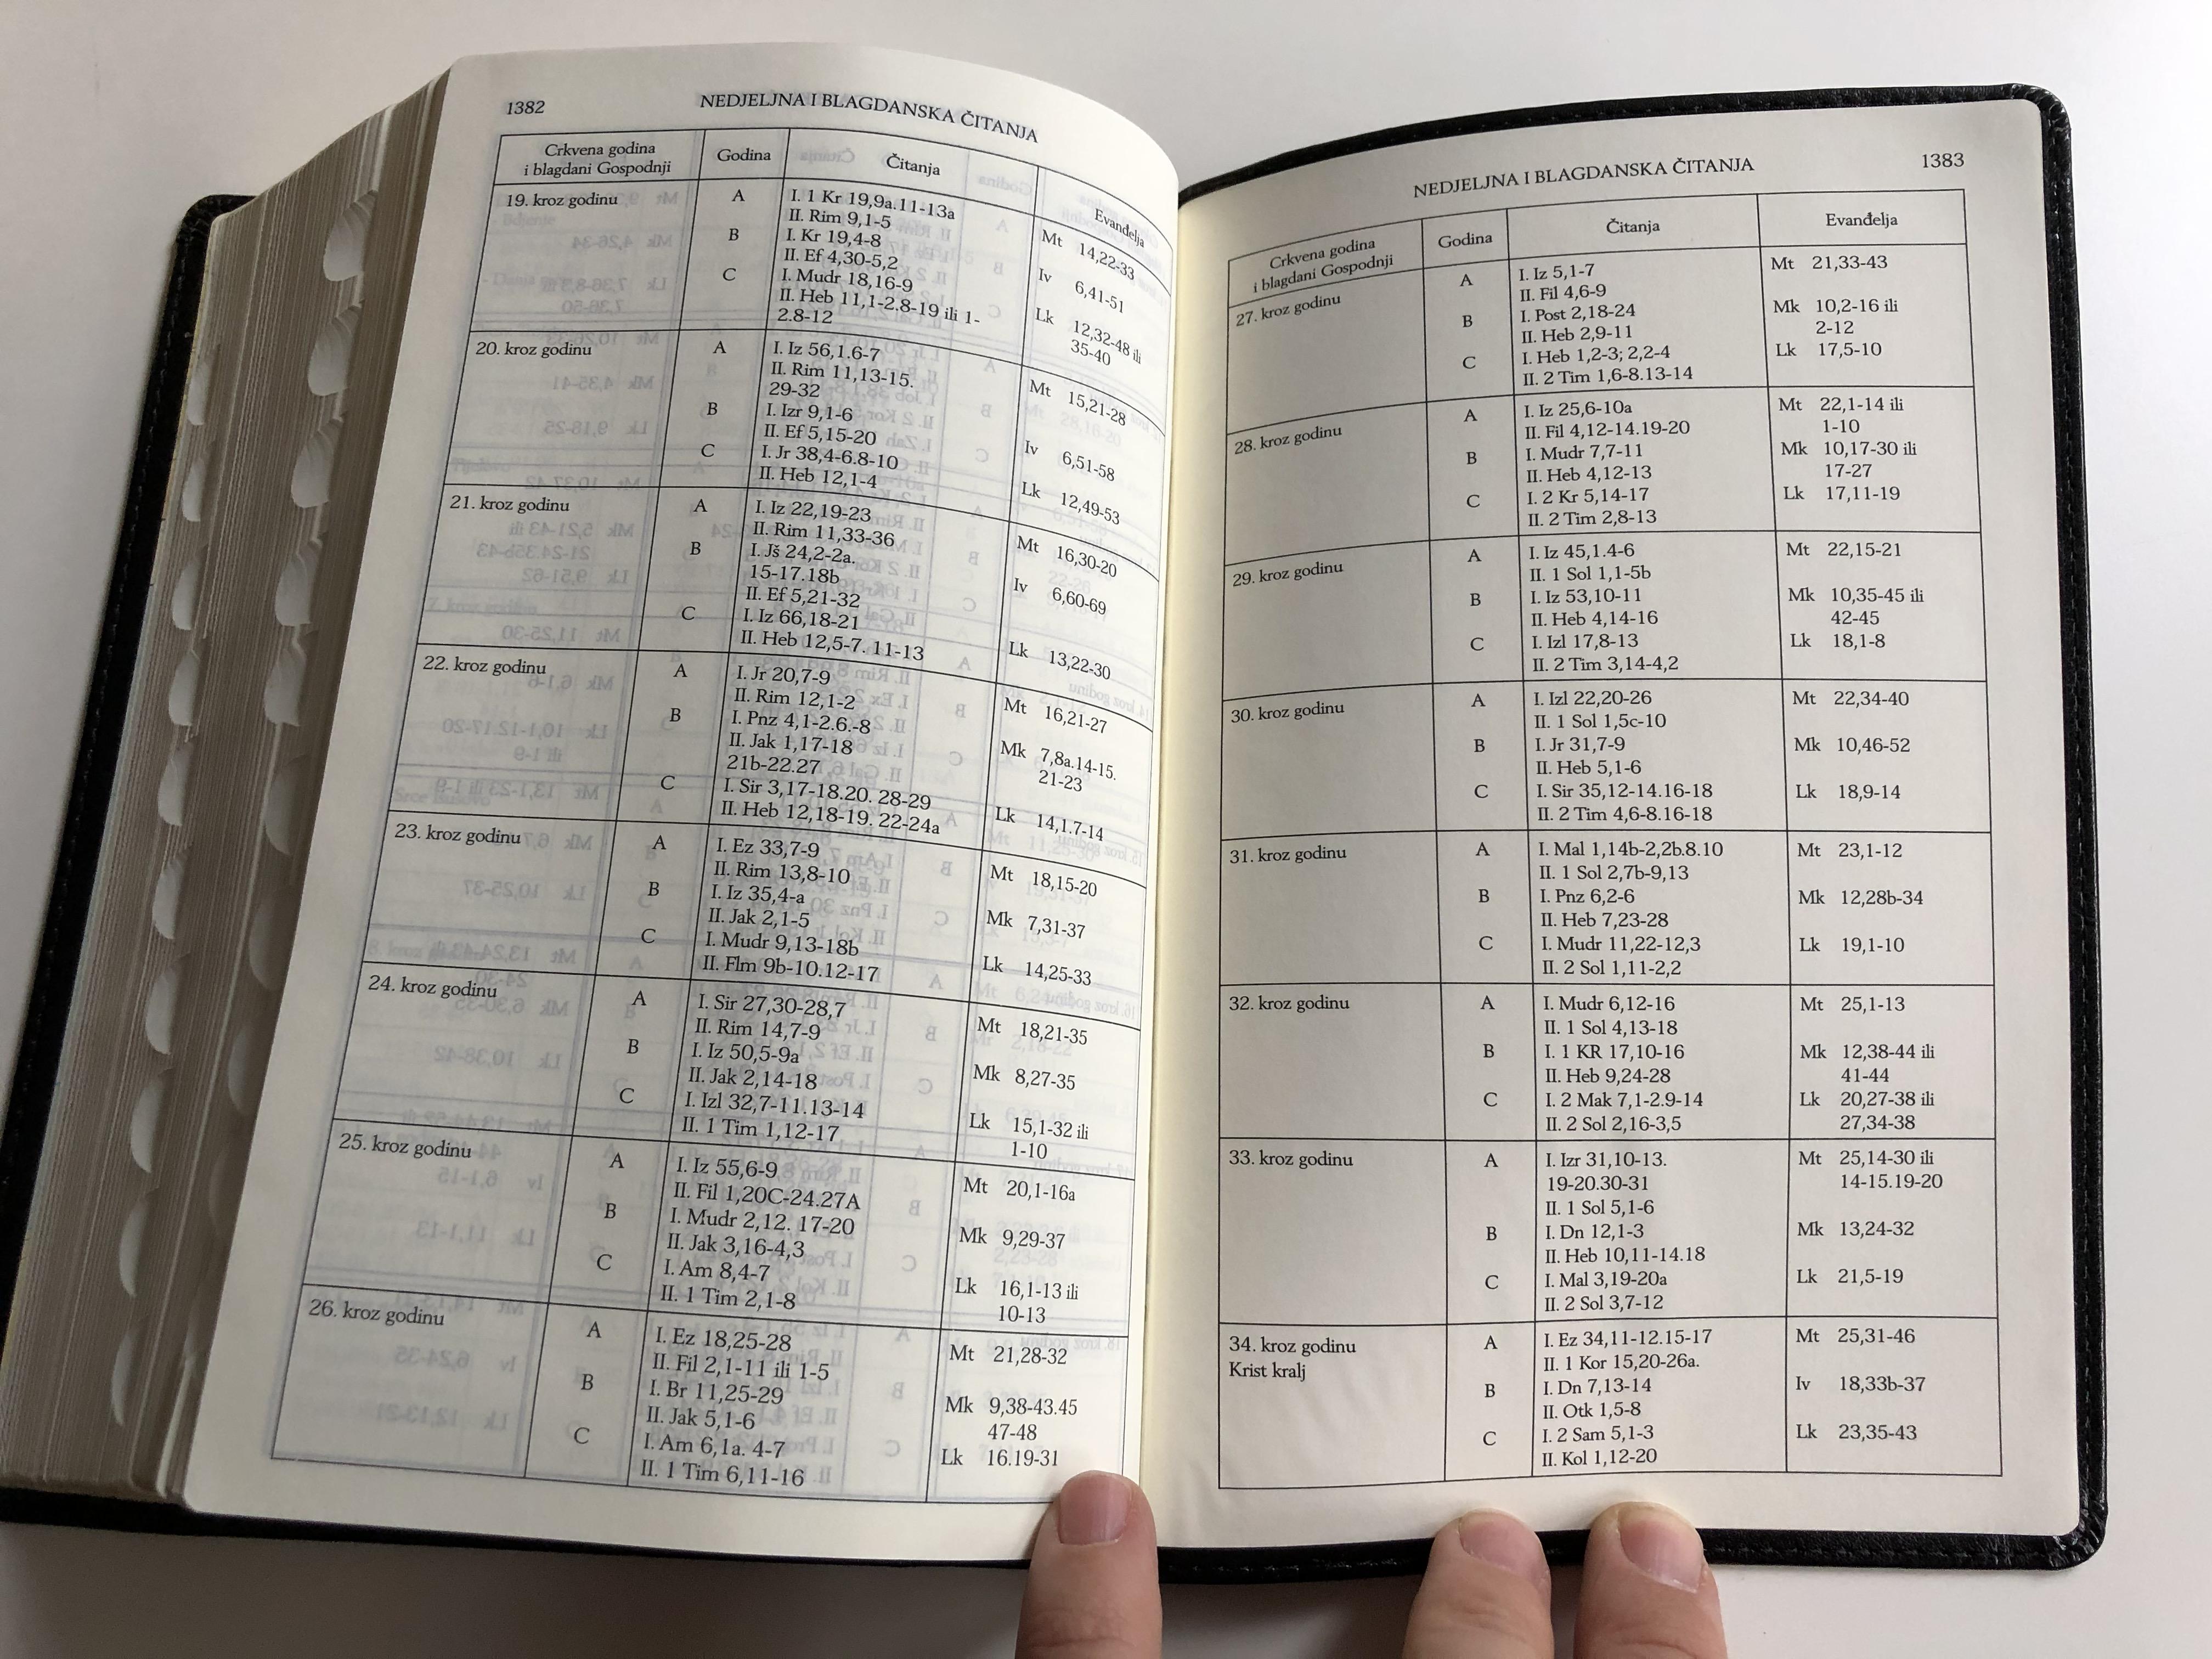 black-leather-bound-croatian-holy-bible-biblija-sveto-pismo-staroga-i-novoga-zavjeta-15.jpg